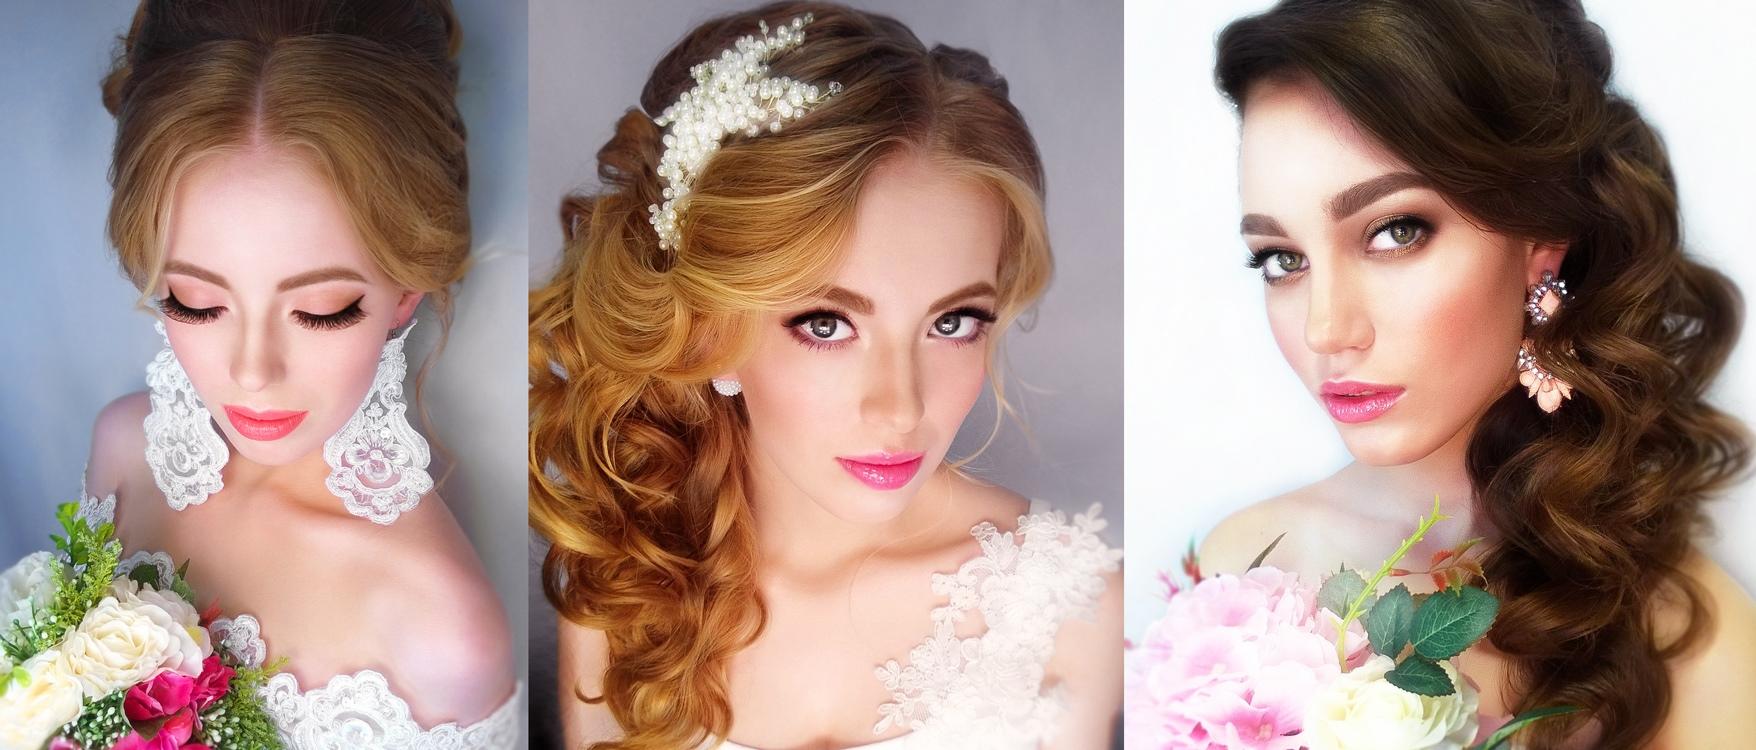 макияж в Челябинске с выездом, свадебный стилист Васильева Любовь, макияж-причёски любой сложности, коррекция бровей